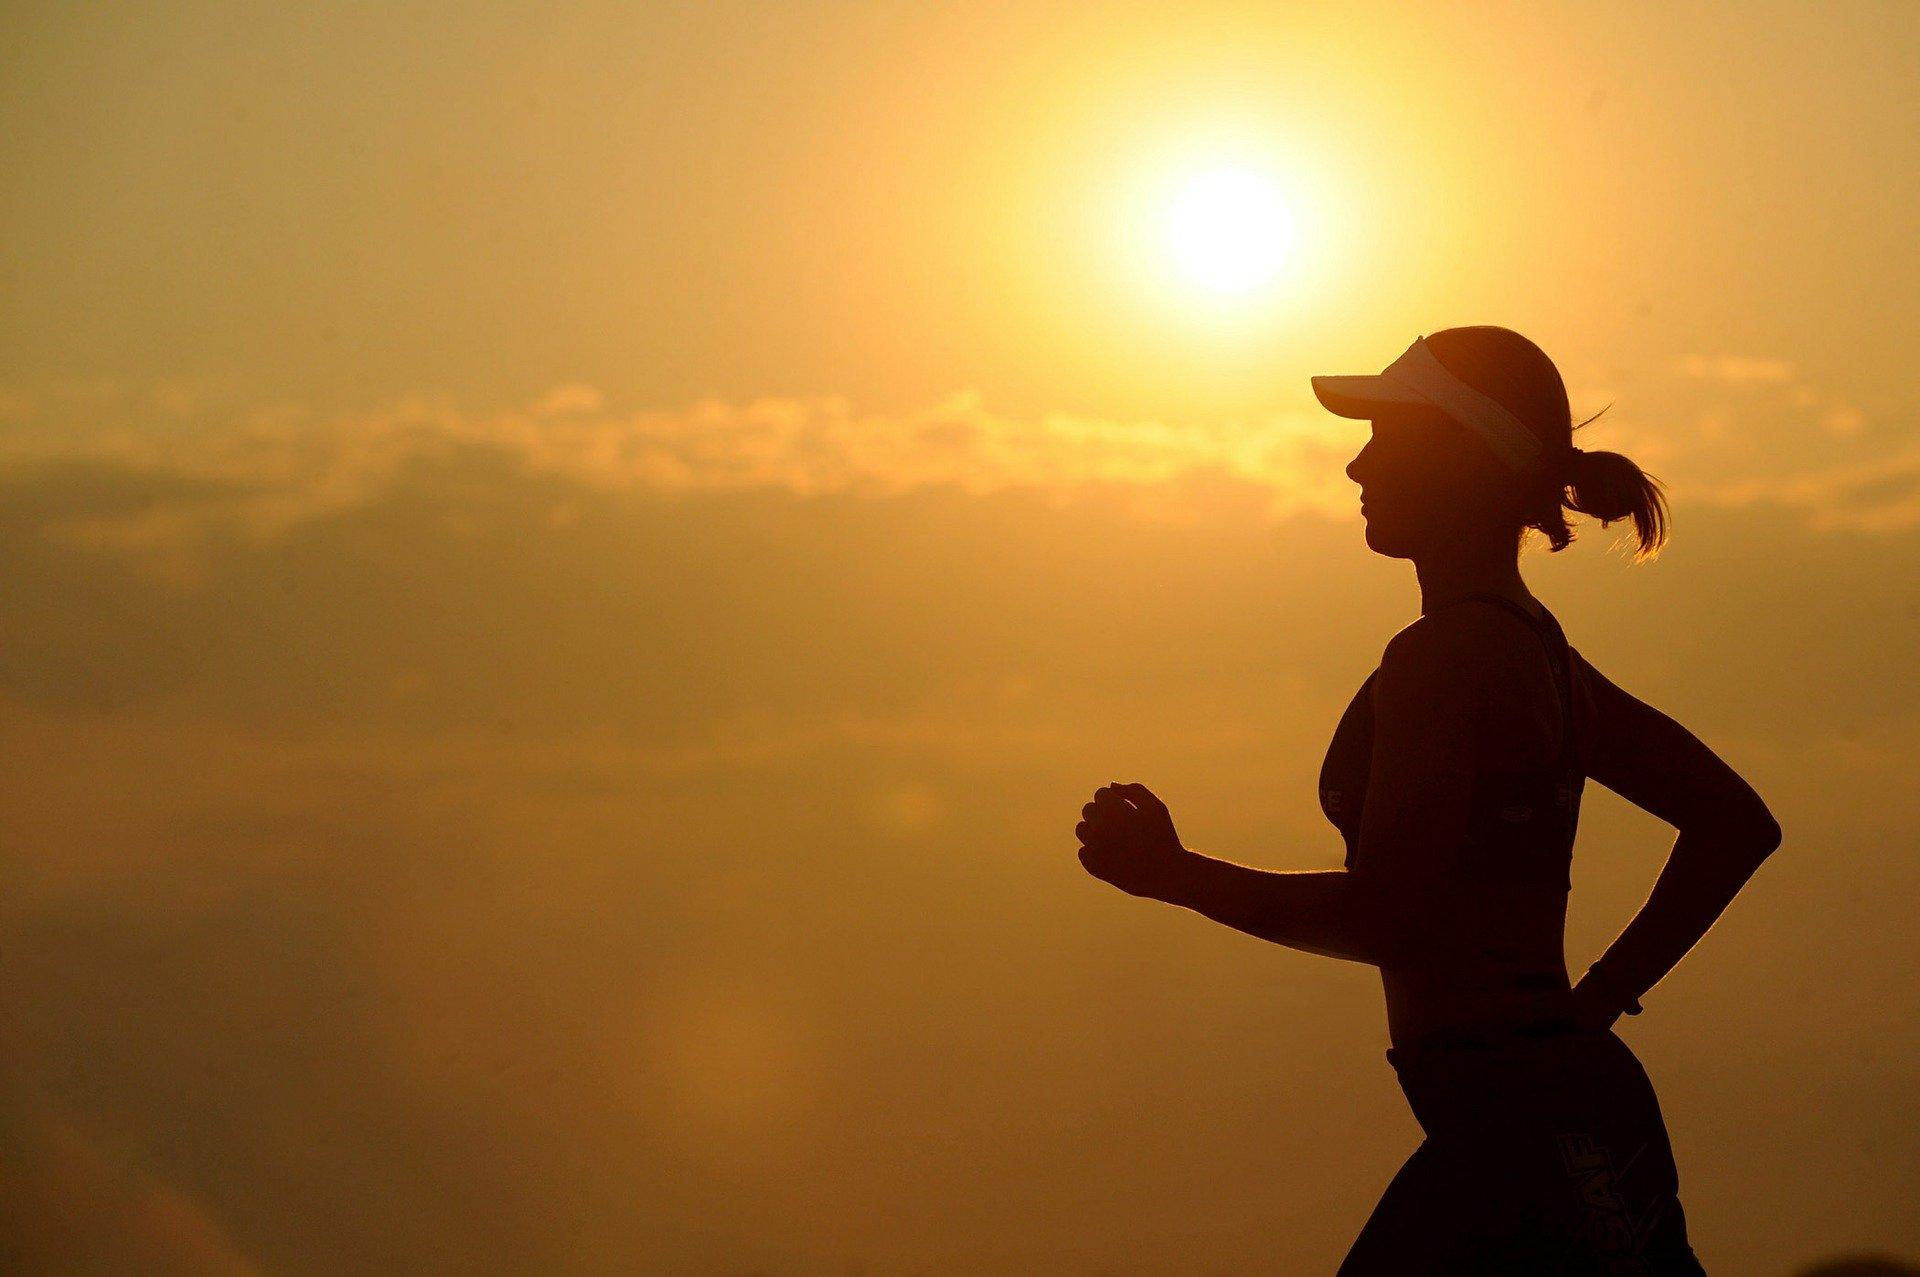 Luchtvervuiling buitenlucht en gezondheidseffecten